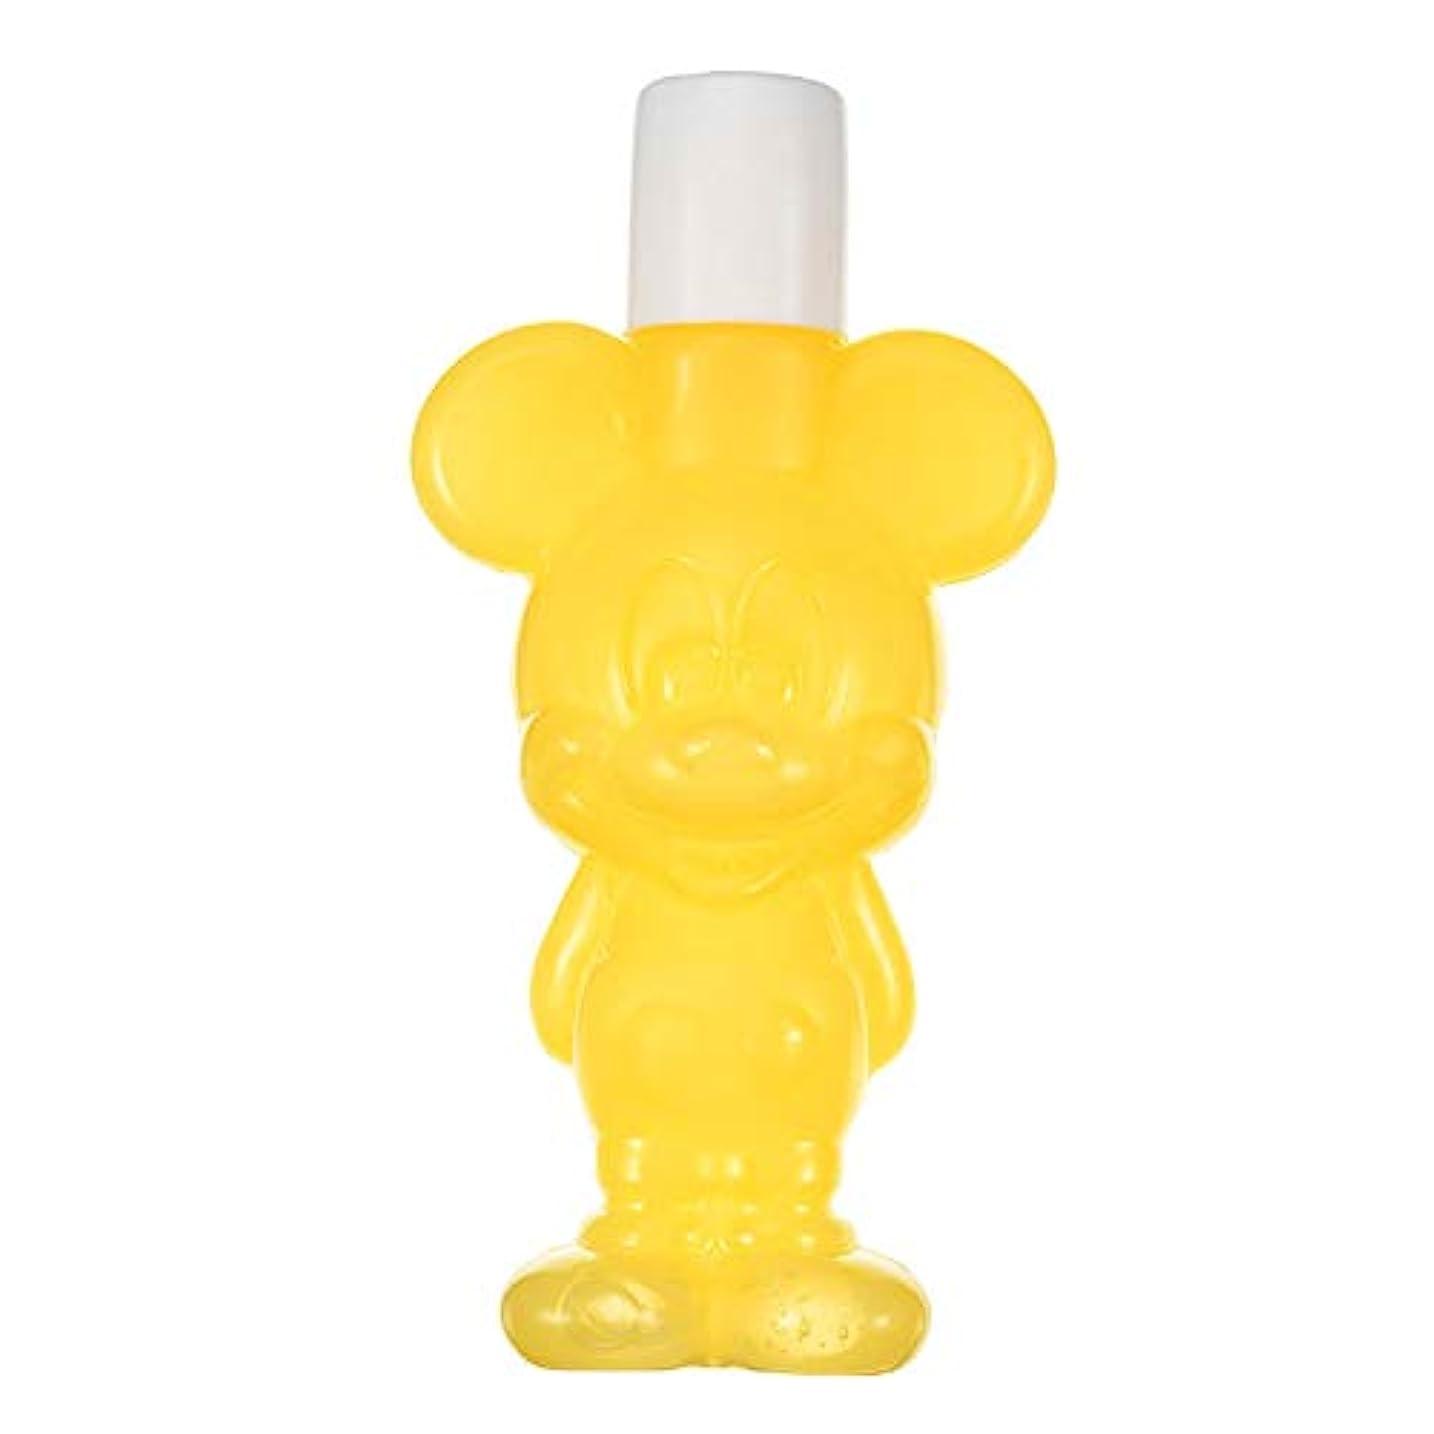 側面代替情緒的ディズニーストア(公式)保湿ジェル ミッキー イエロー Gummy Candy Cosme